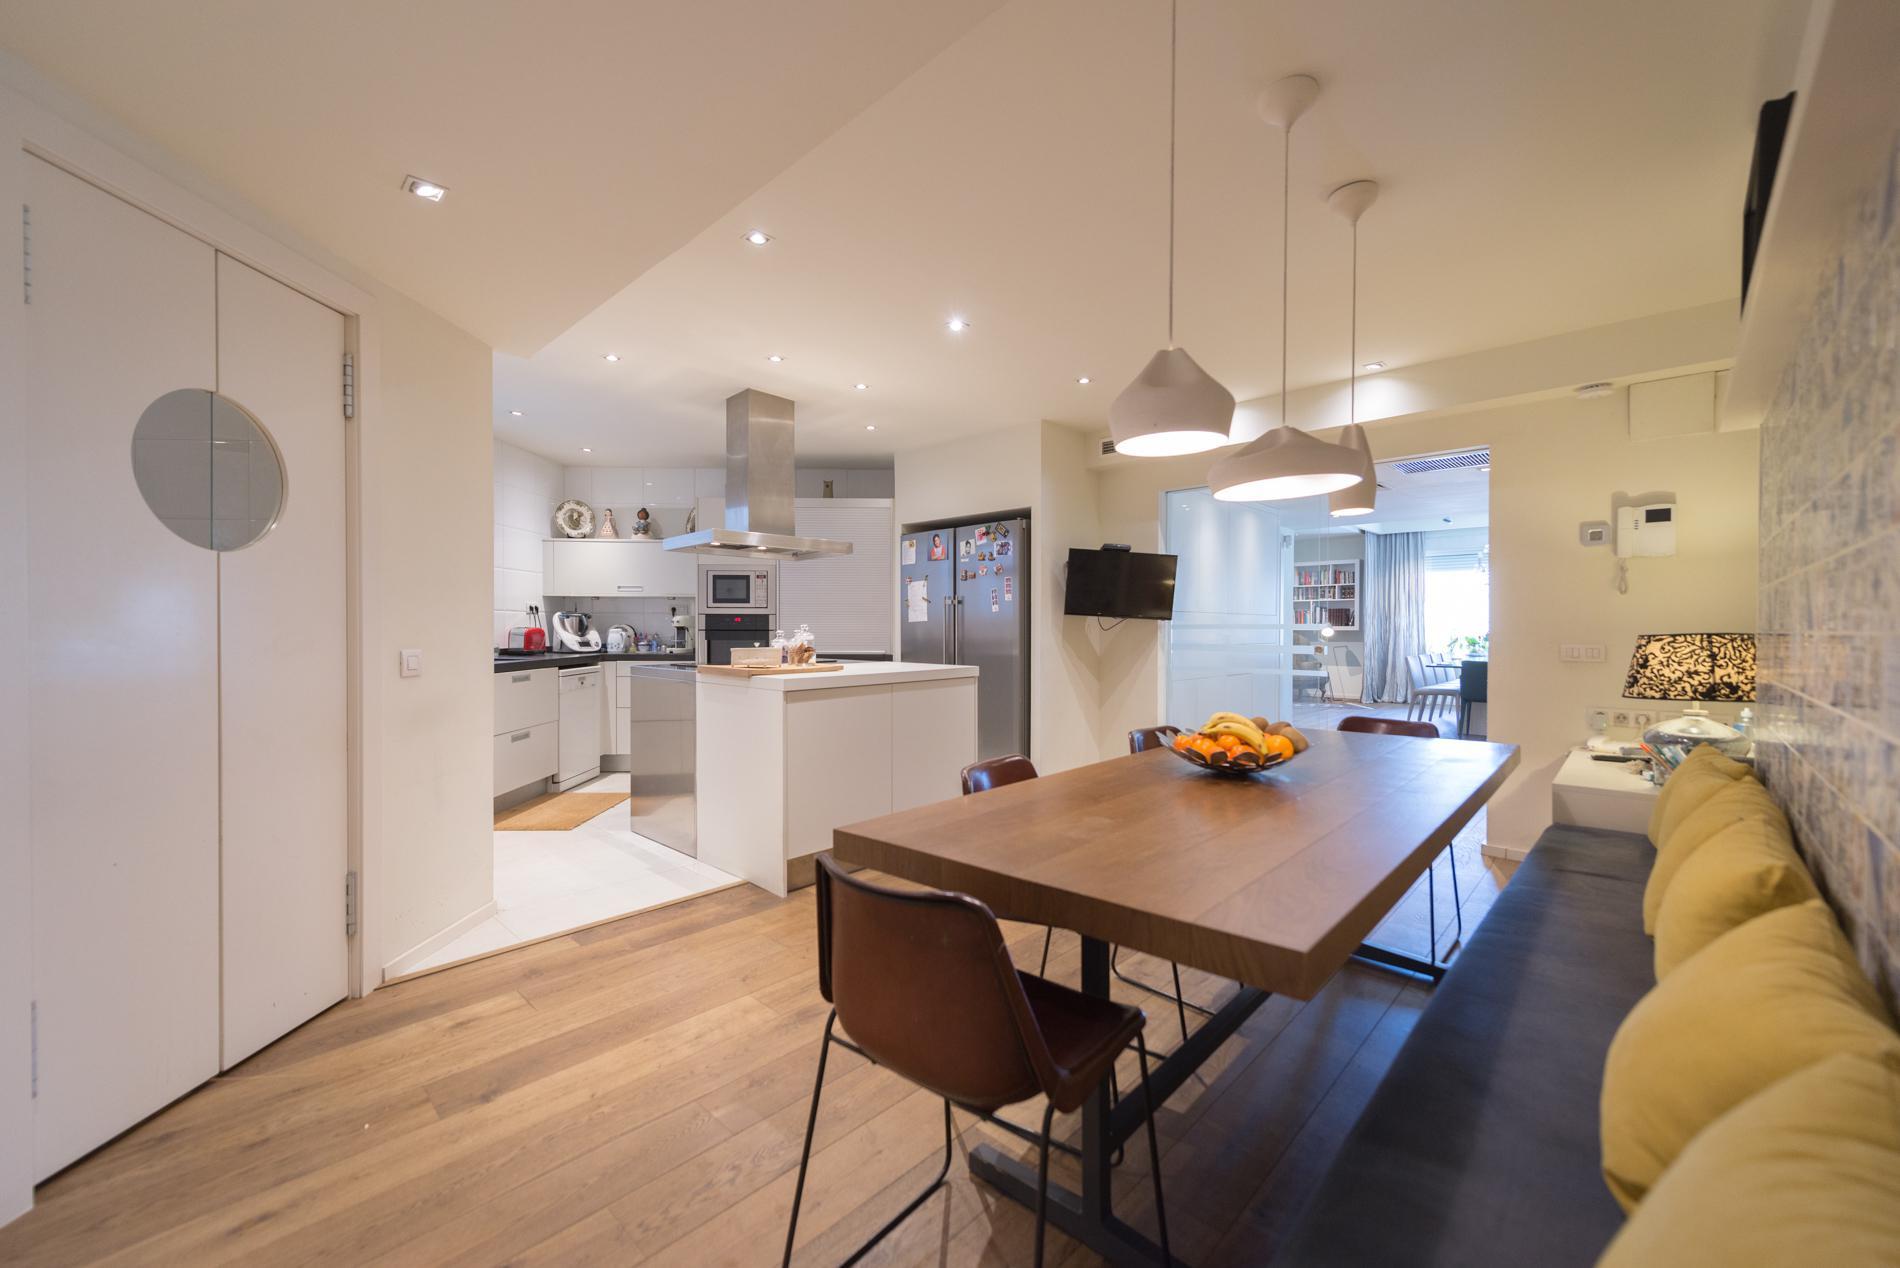 222426 Apartment for sale in Eixample, Dreta Eixample 12